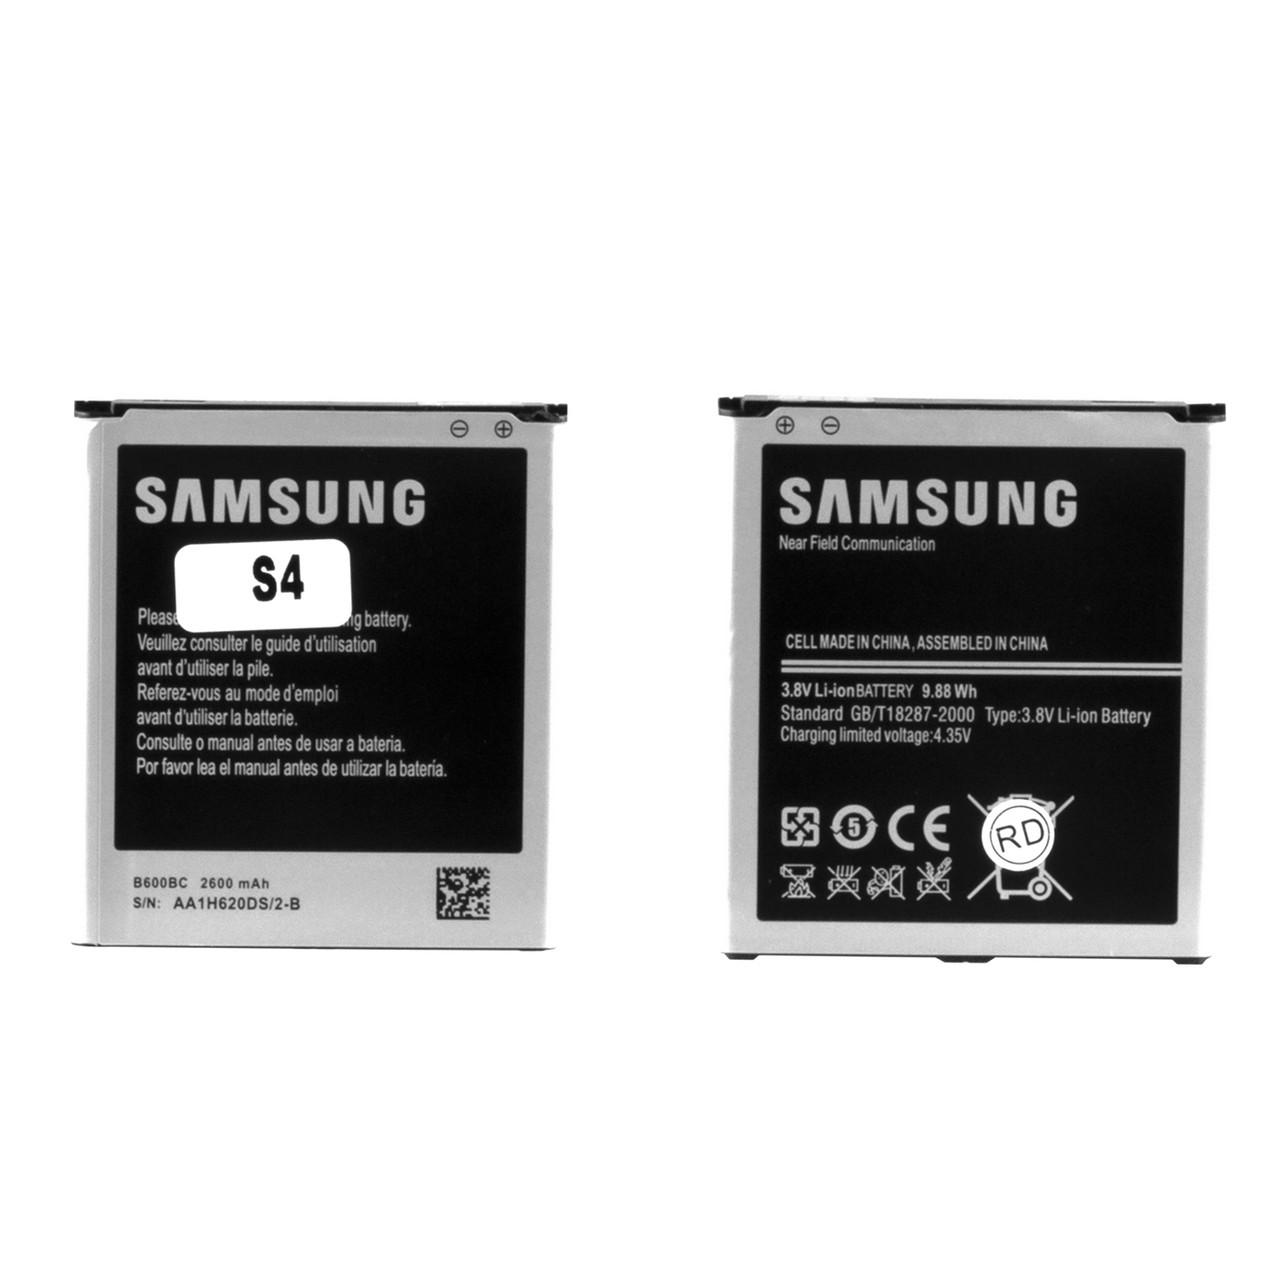 Аккумулятор Samsung Galaxy S4 I9500 B600BC 2600mAh Caution